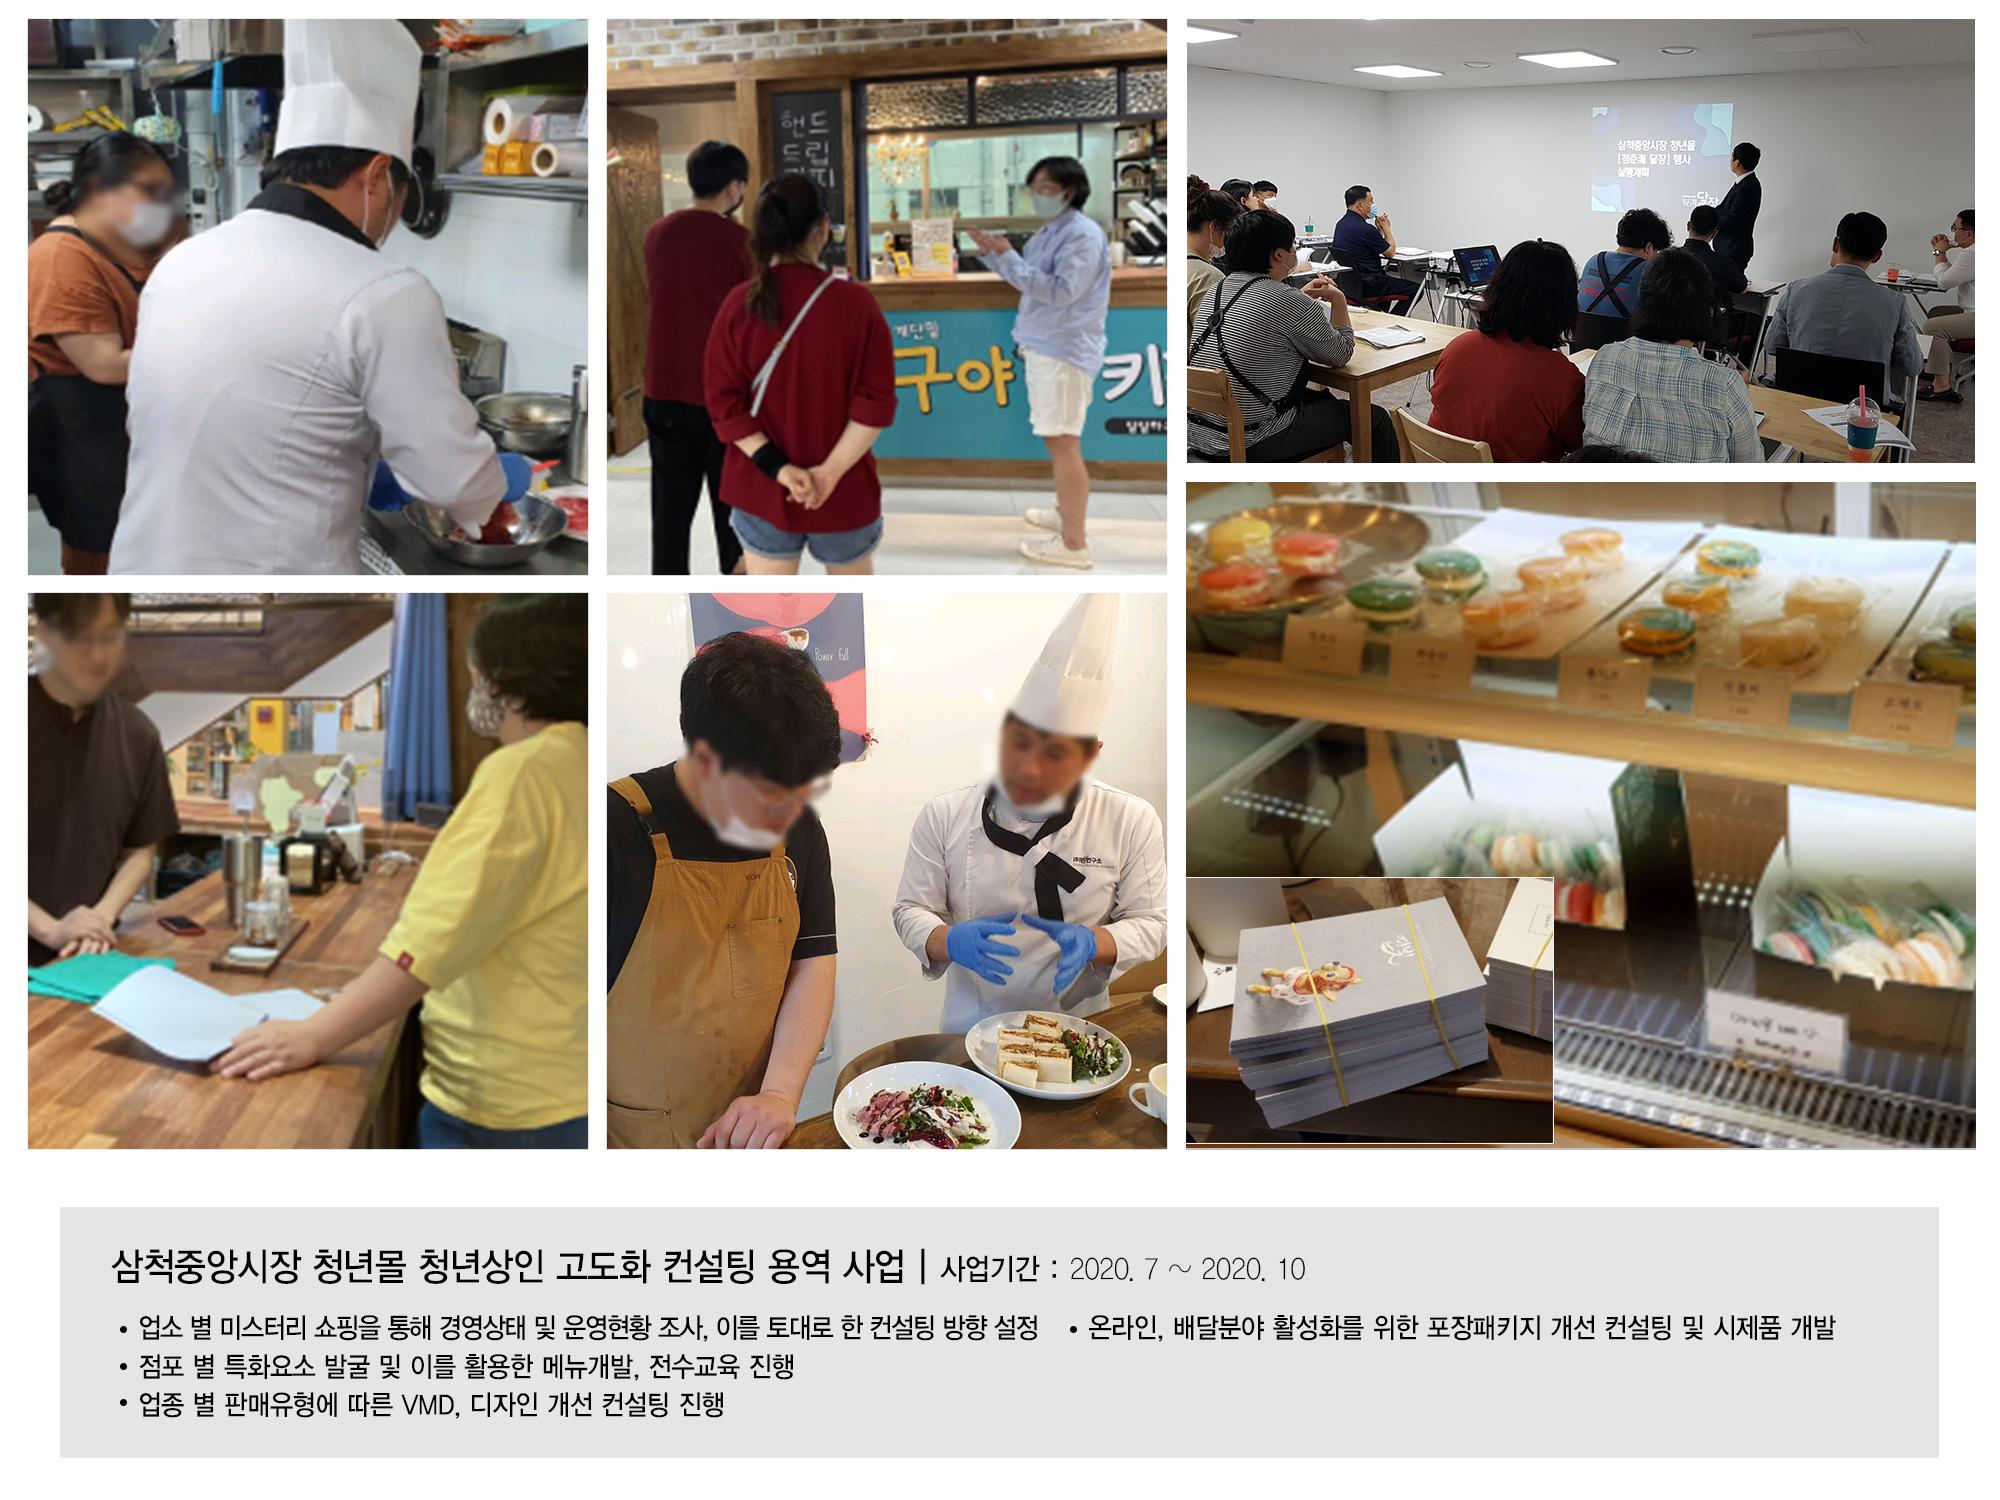 삼척중앙시장 청년몰 청년상인 고도화 컨설팅 용역.jpg